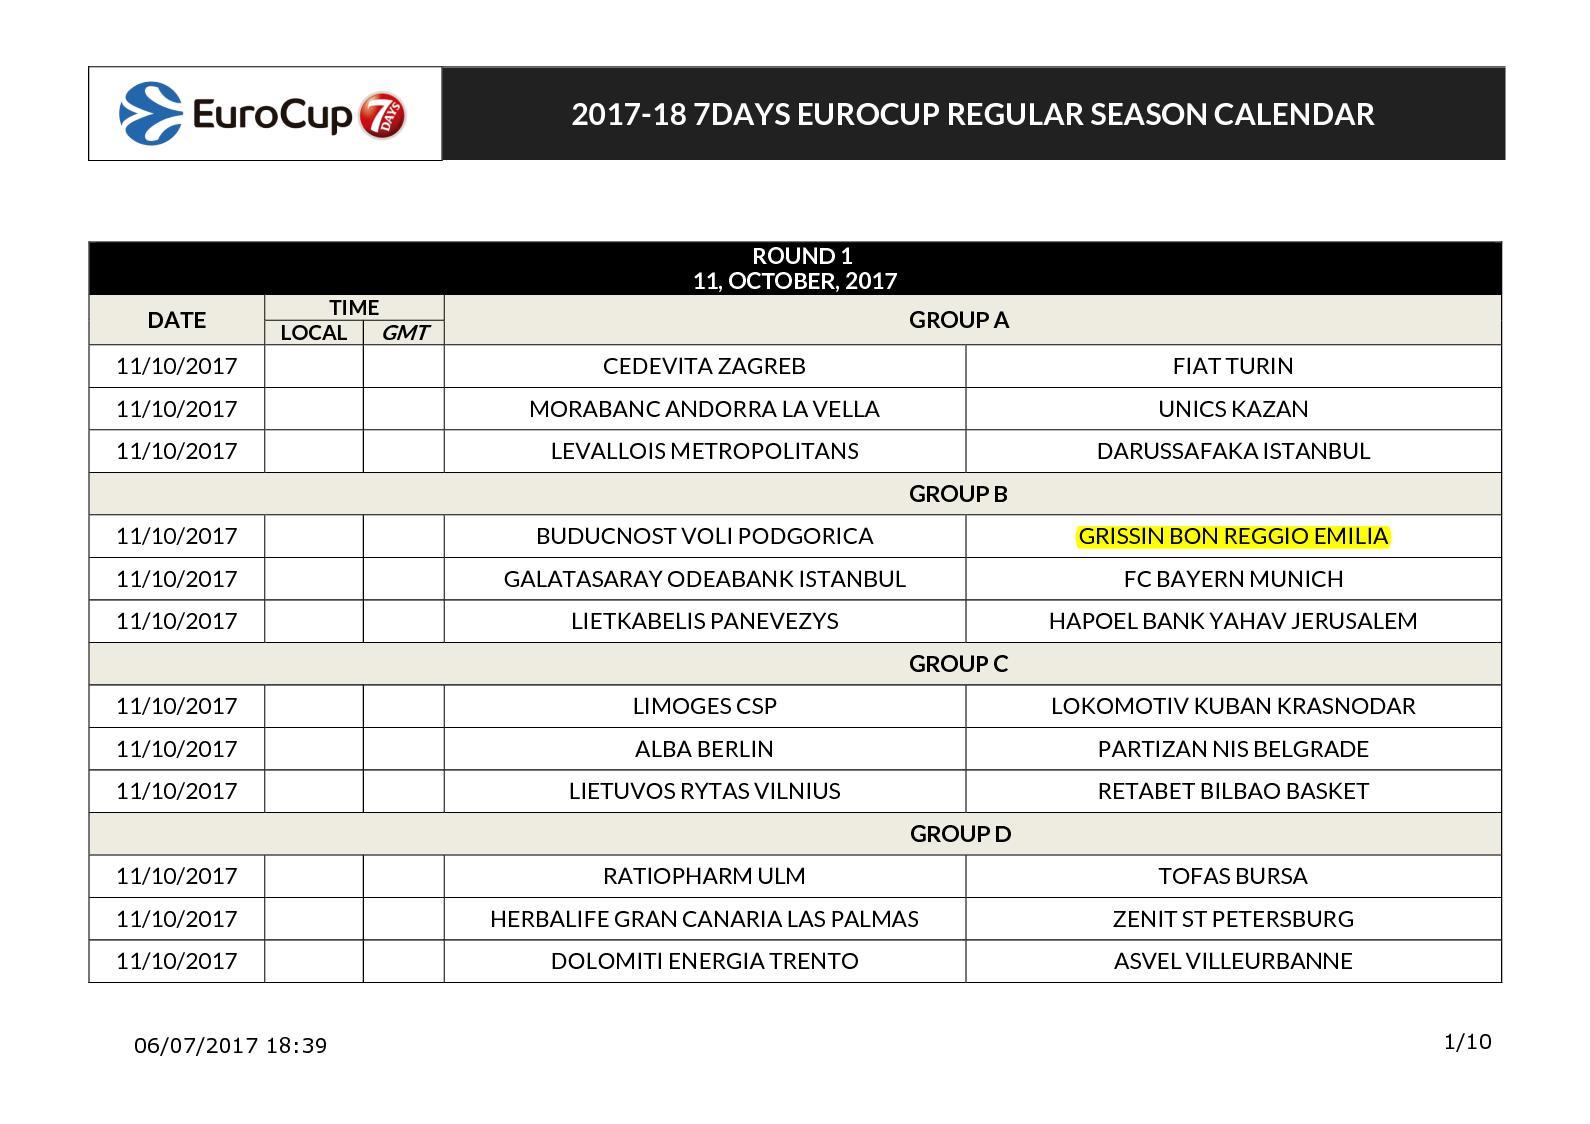 Calendario Eurocup.Calameo Calendario Eurocup